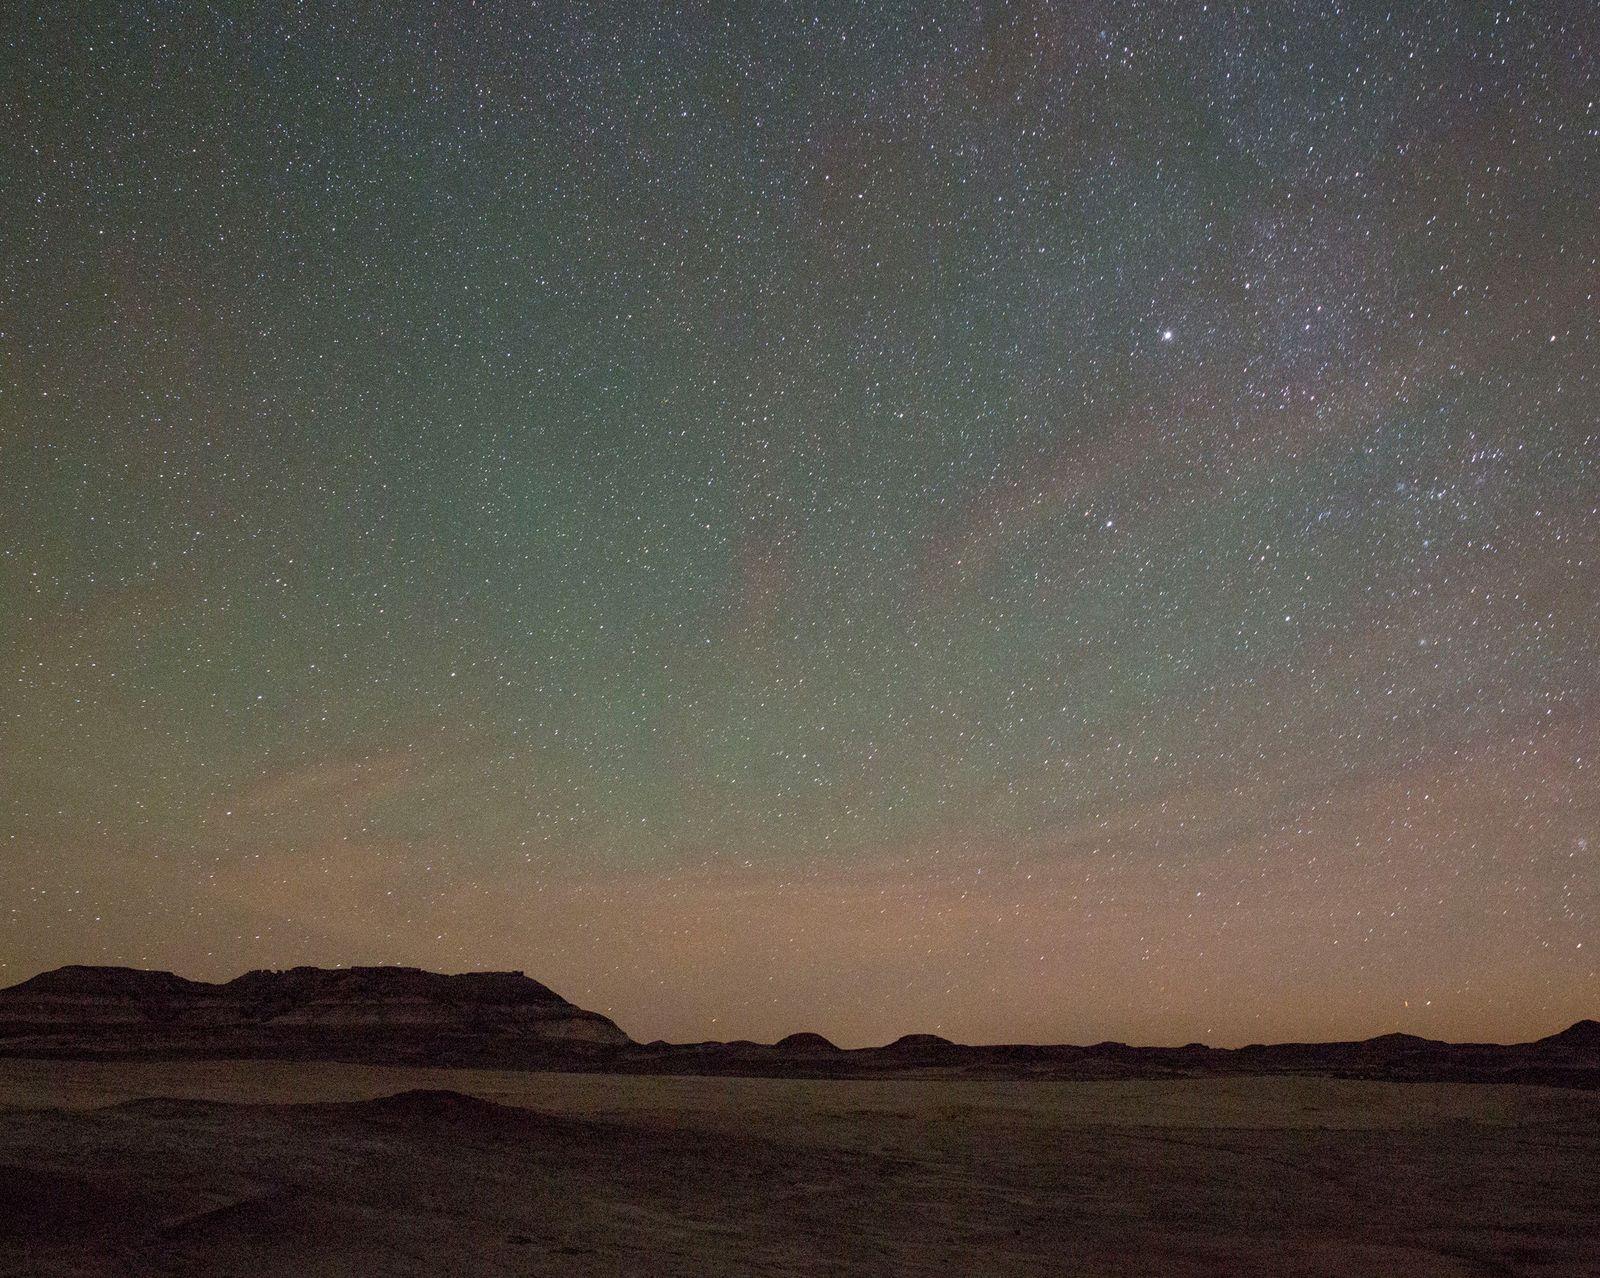 Un paisaje estelar